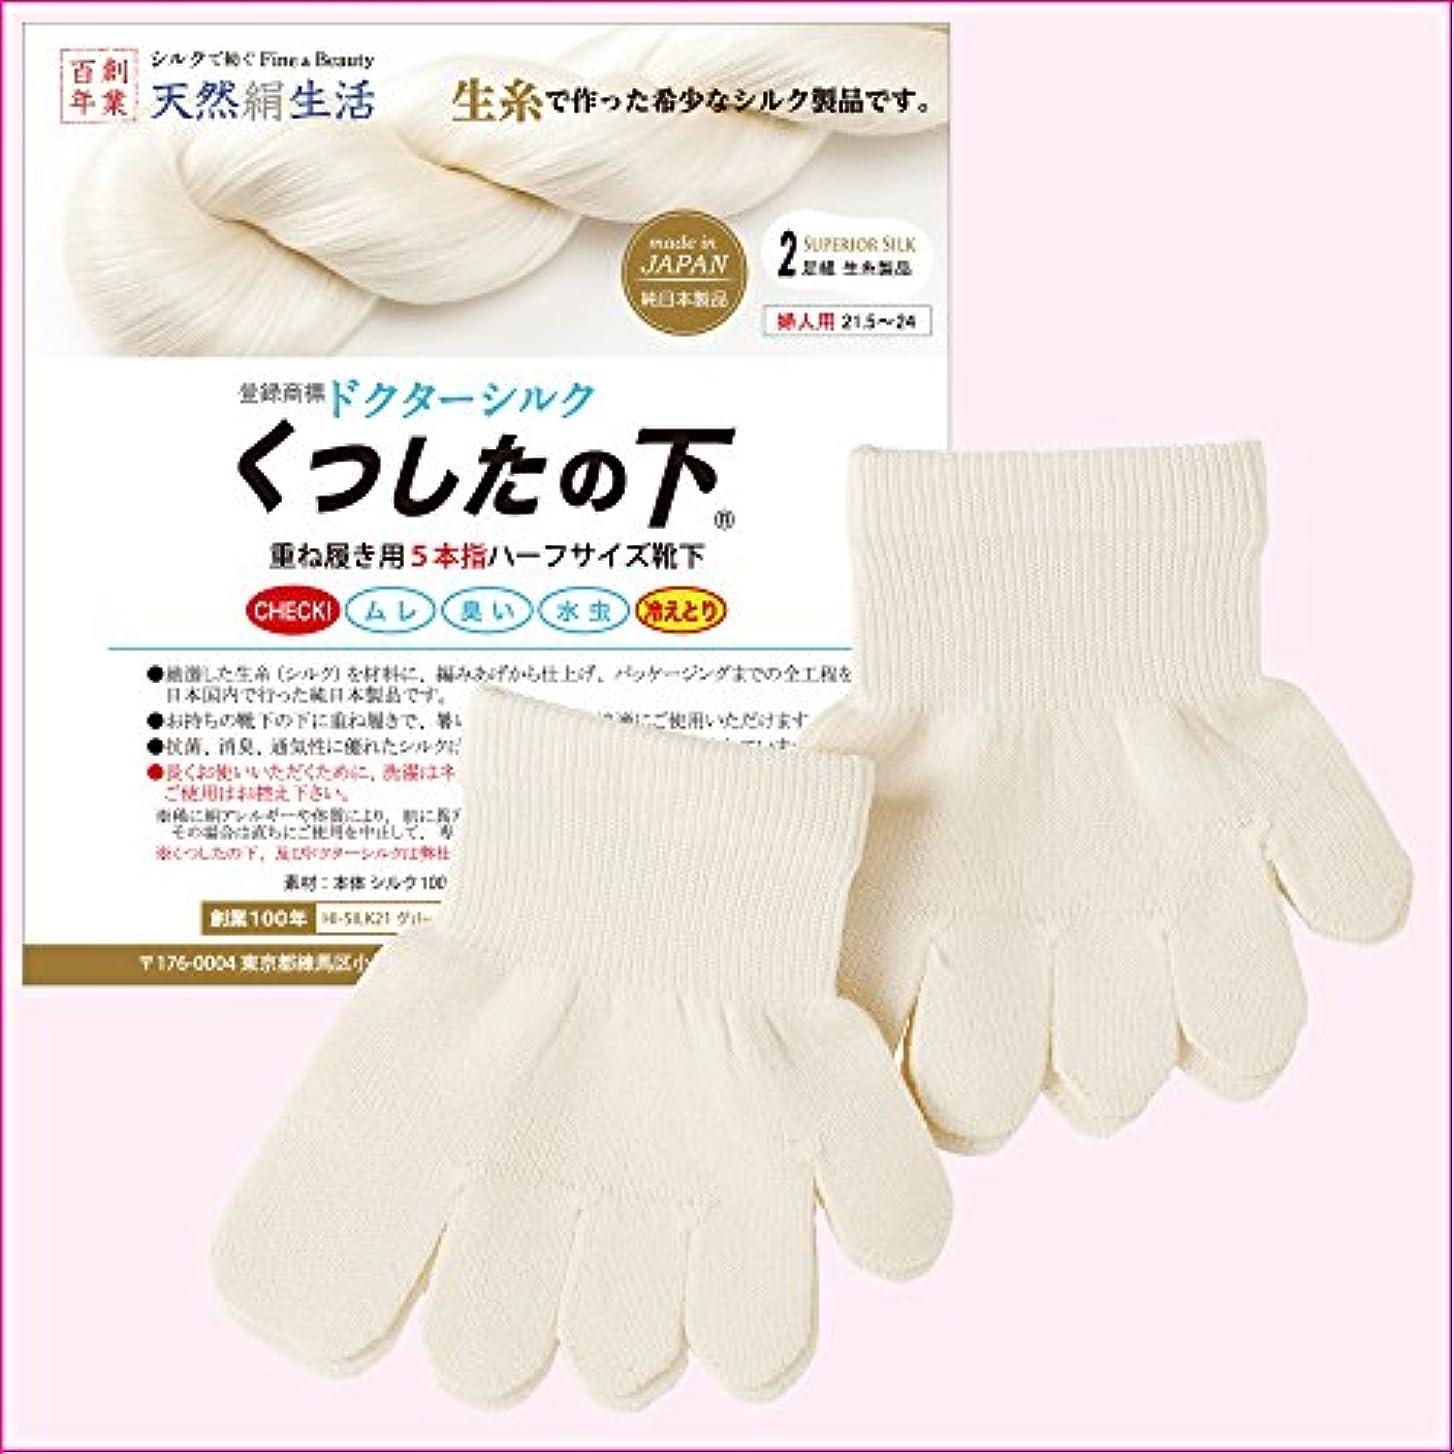 液体すべき思いつく【純日本製】最高峰シルク 生糸 の5本指靴下_婦人用2足組『くつしたの下』生成り/冷えとり決定版